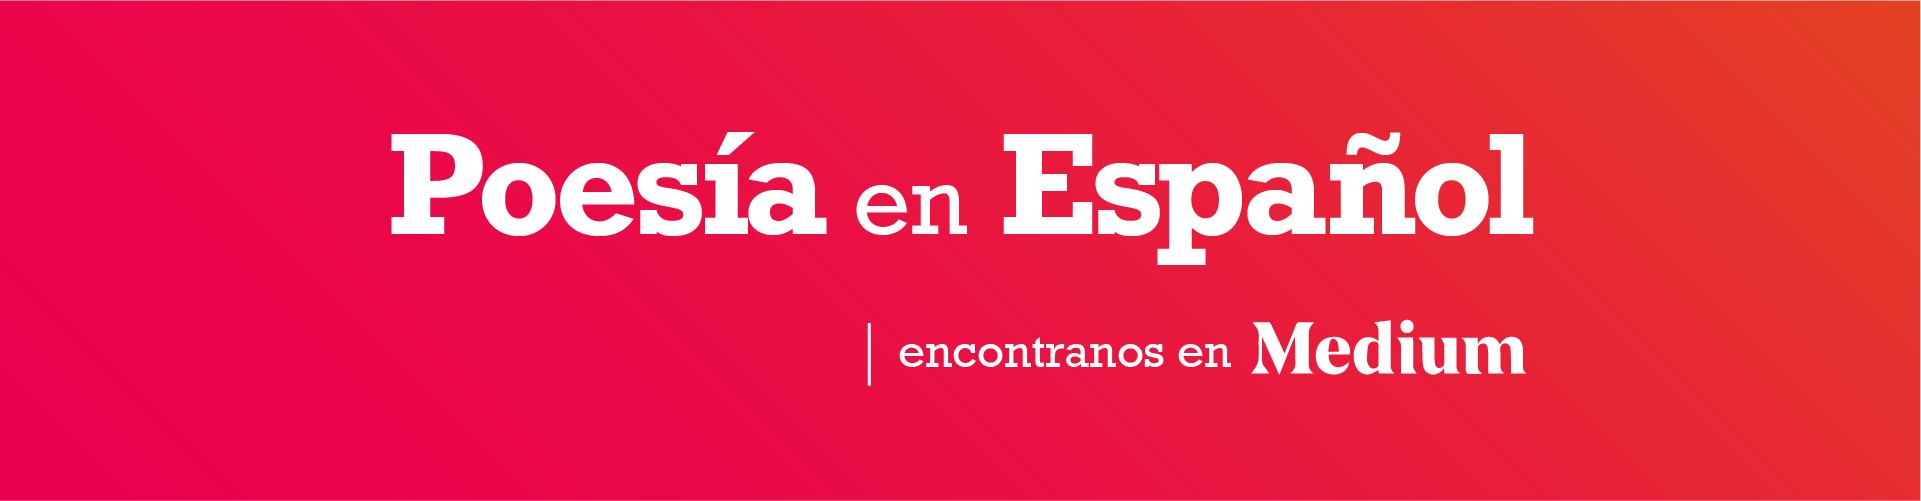 Poesía en español - Cover